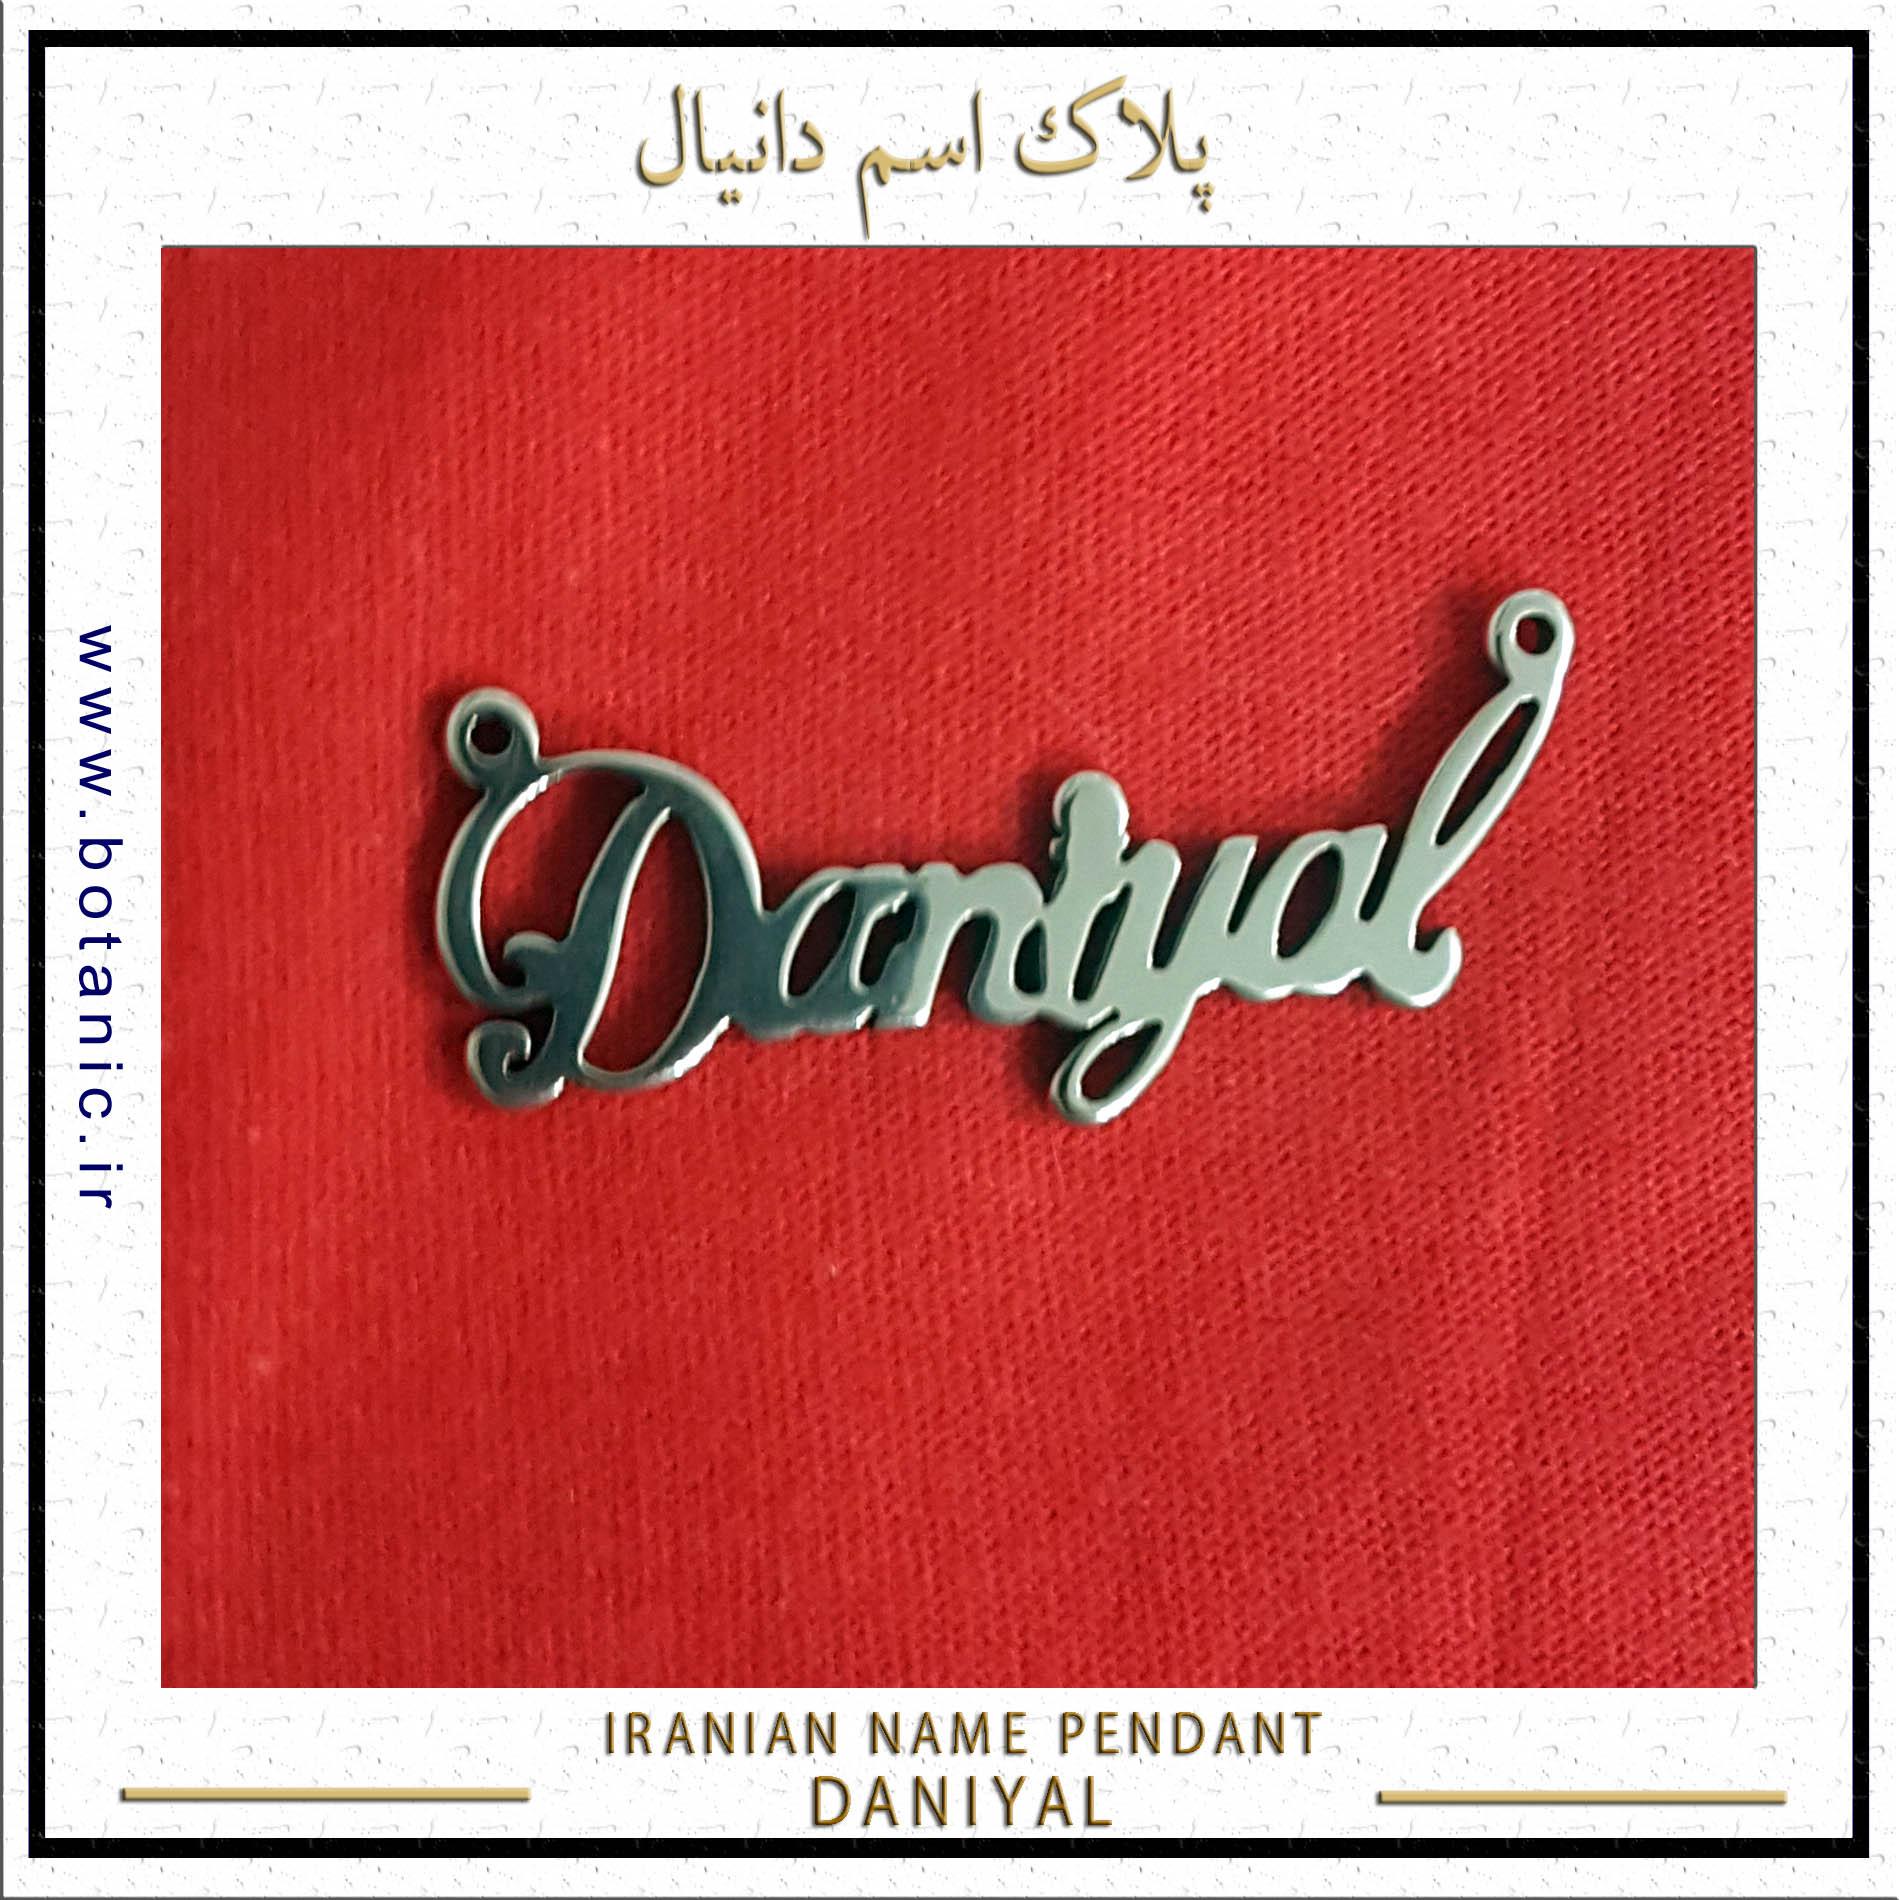 Iranian Name Pendant Daniyal